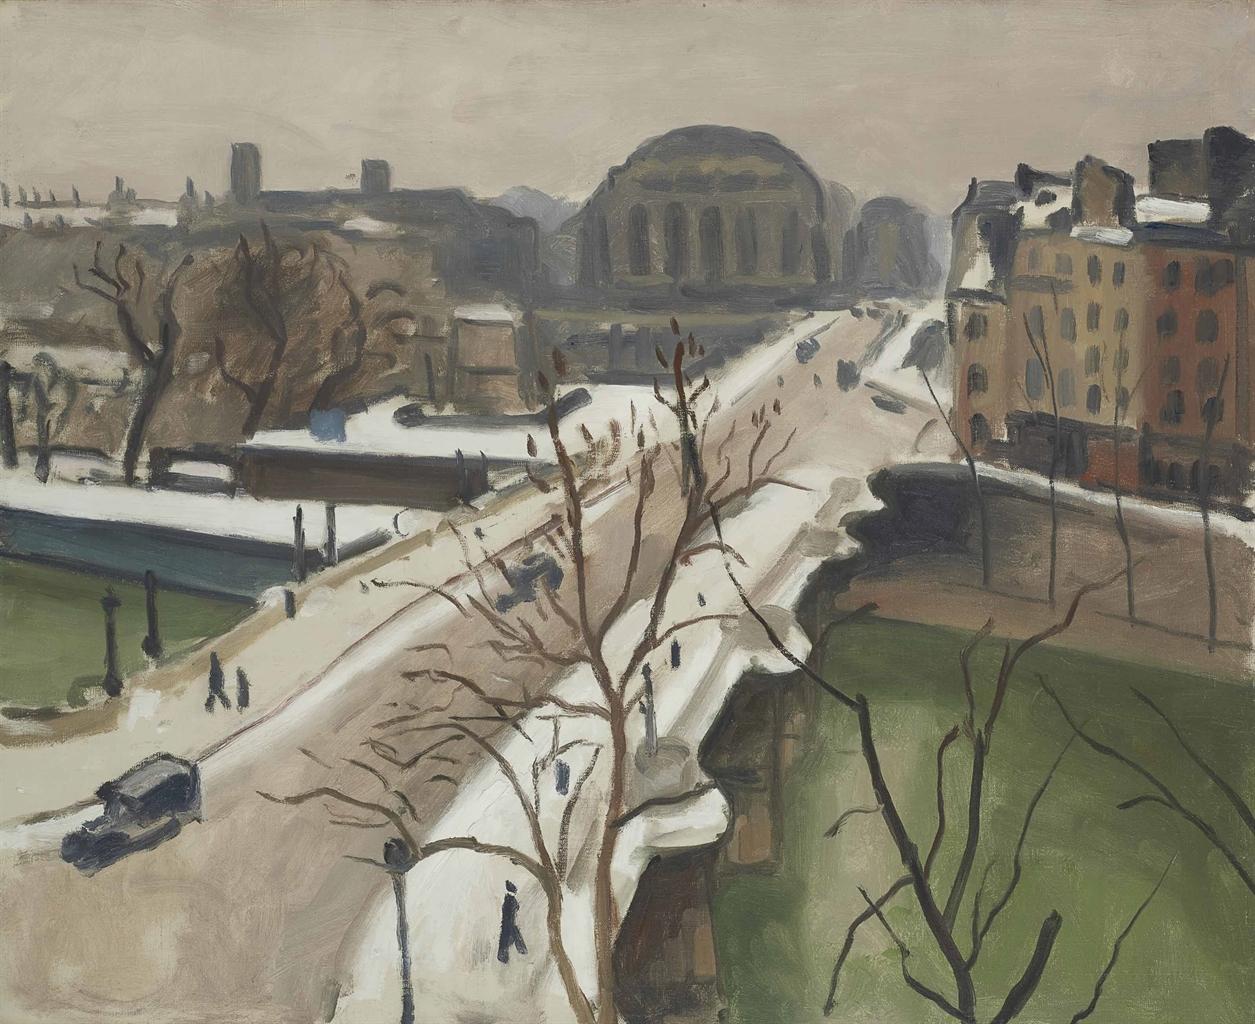 Albert Marquet-Le pont Neuf sous la neige, Paris-1940